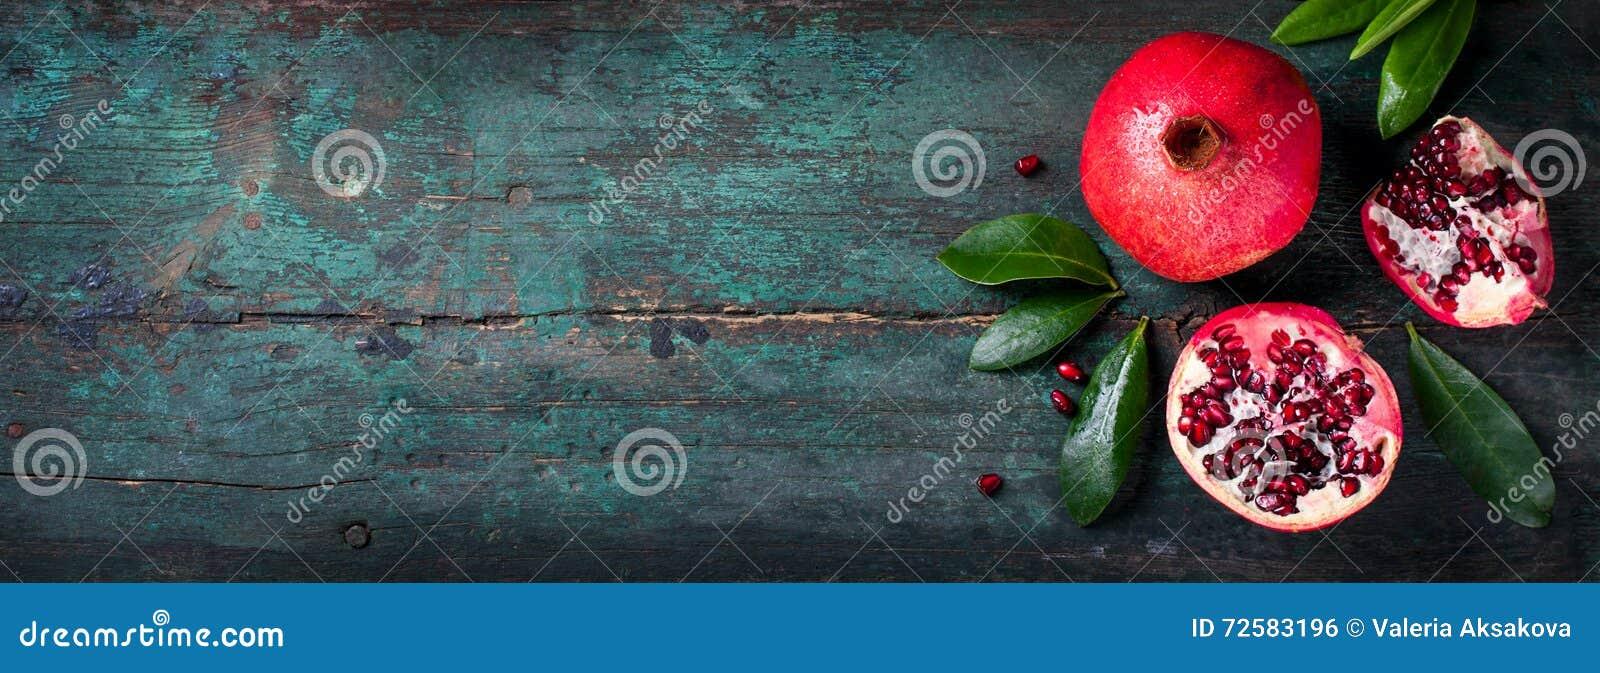 整个新鲜的水多的石榴-和裁减,与在木葡萄酒背景的叶子,顶视图,水平